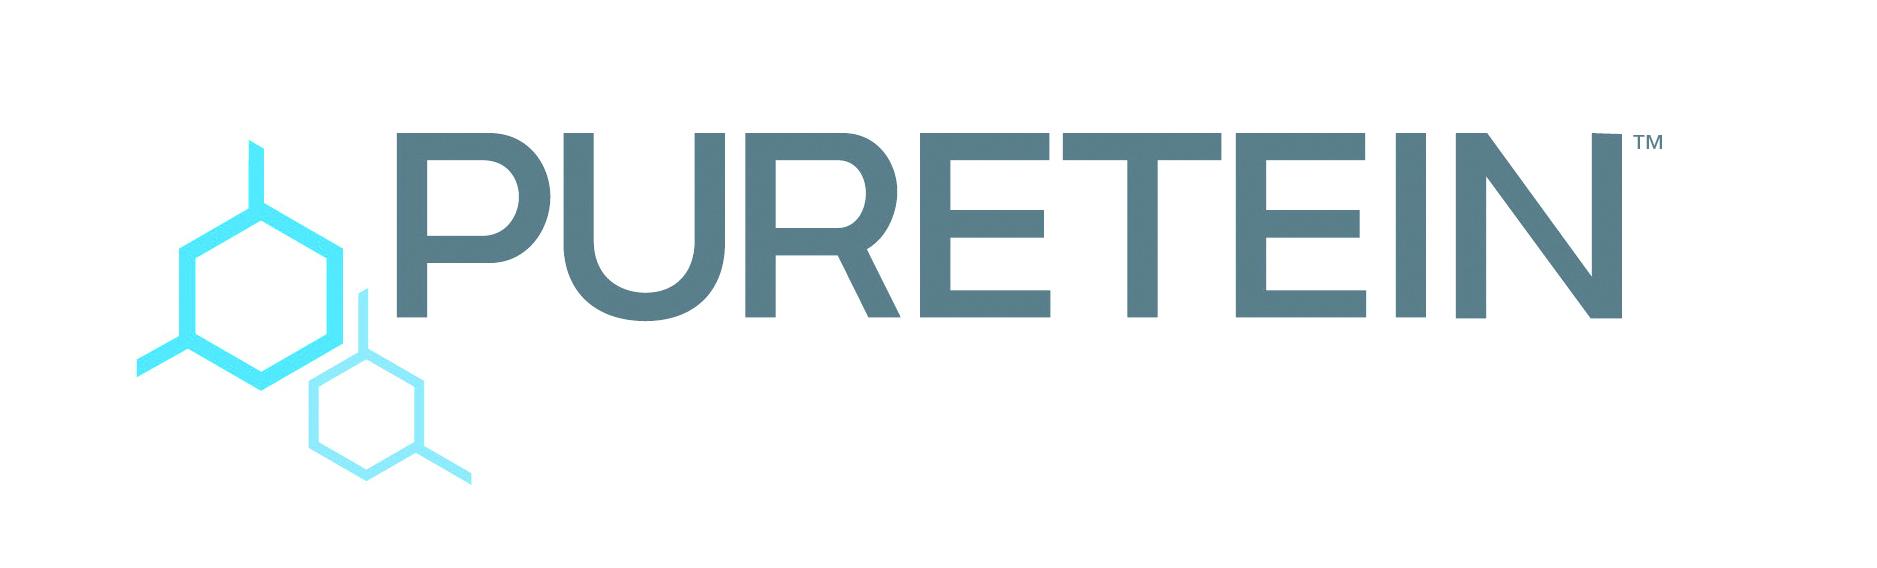 Puretein Agri, LLC